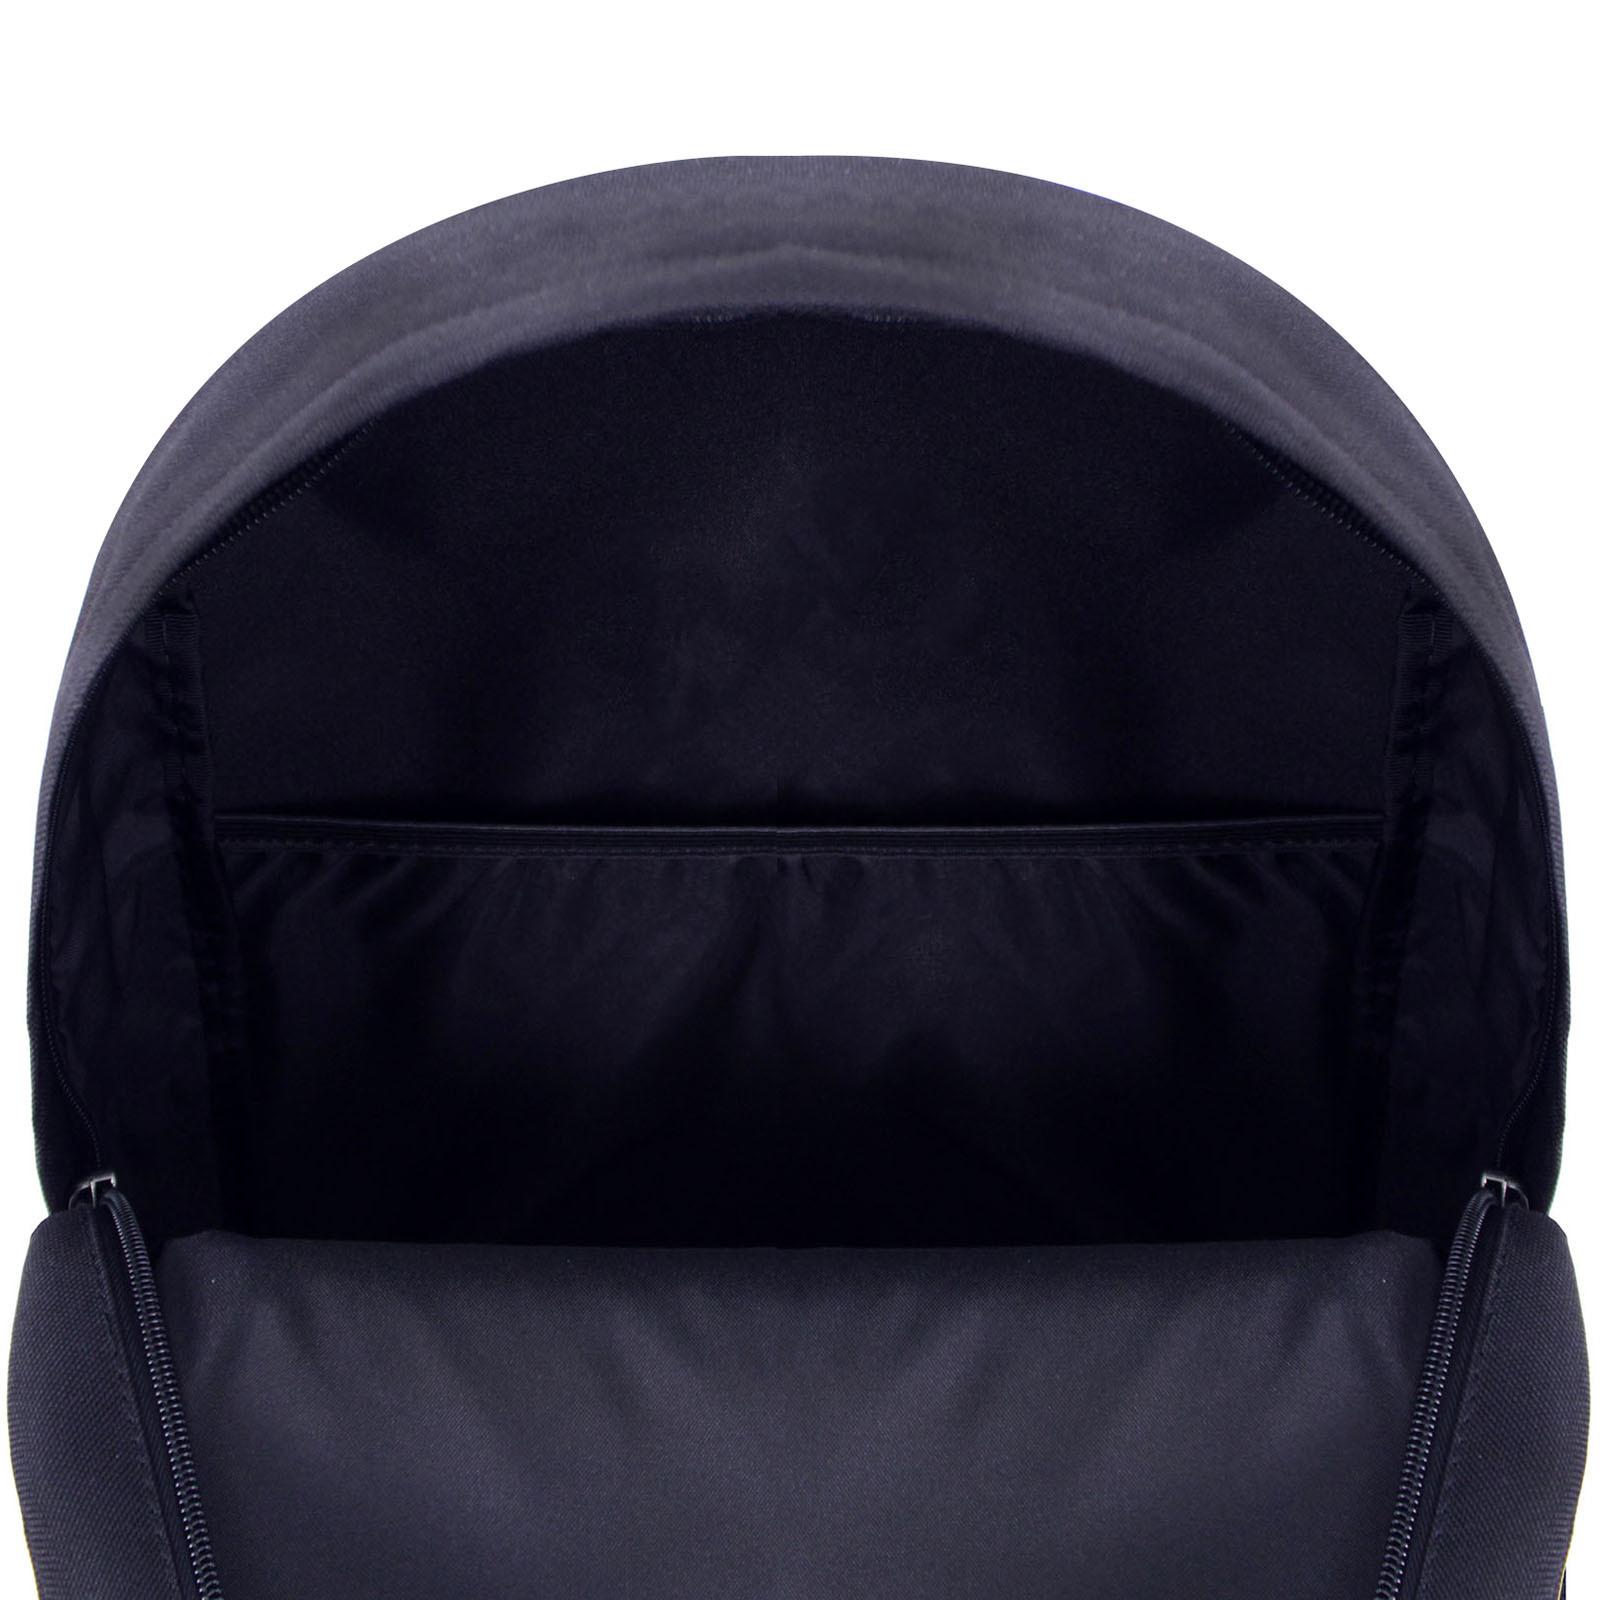 Рюкзак Bagland Молодежный W/R 17 л. черный 776 (00533662) фото 5